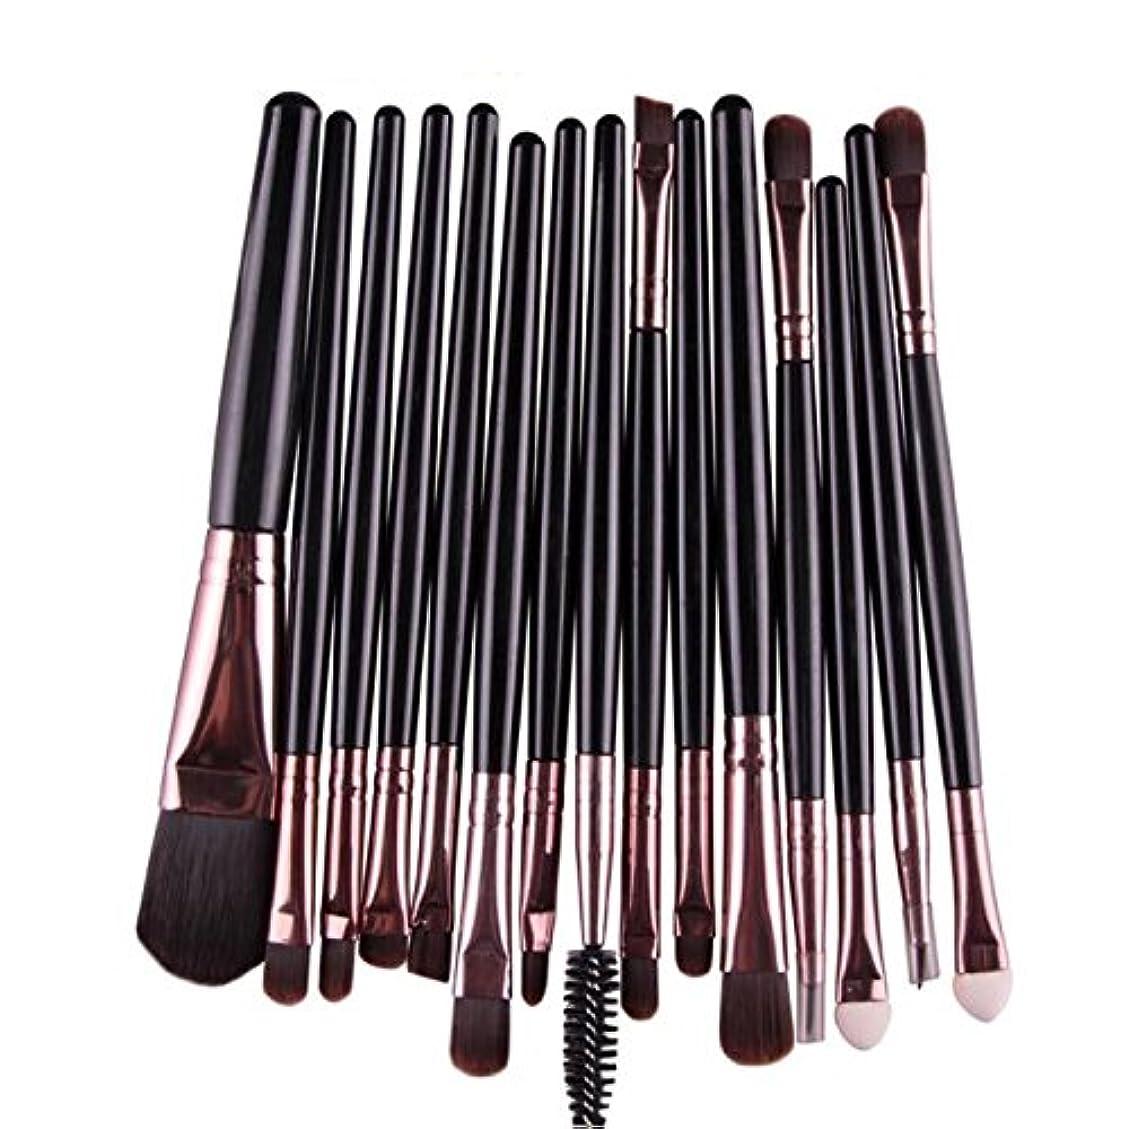 チャップミスキャプテンブライAkane 15本 MAANGE 専用 プロ上等な使用感 欧米風 柔らかい 簡単使い 激安 多機能 たっぷり おしゃれ 高級 気質的 綺麗 魅力 日常 仕事 Makeup Brush メイクアップブラシ(4色)